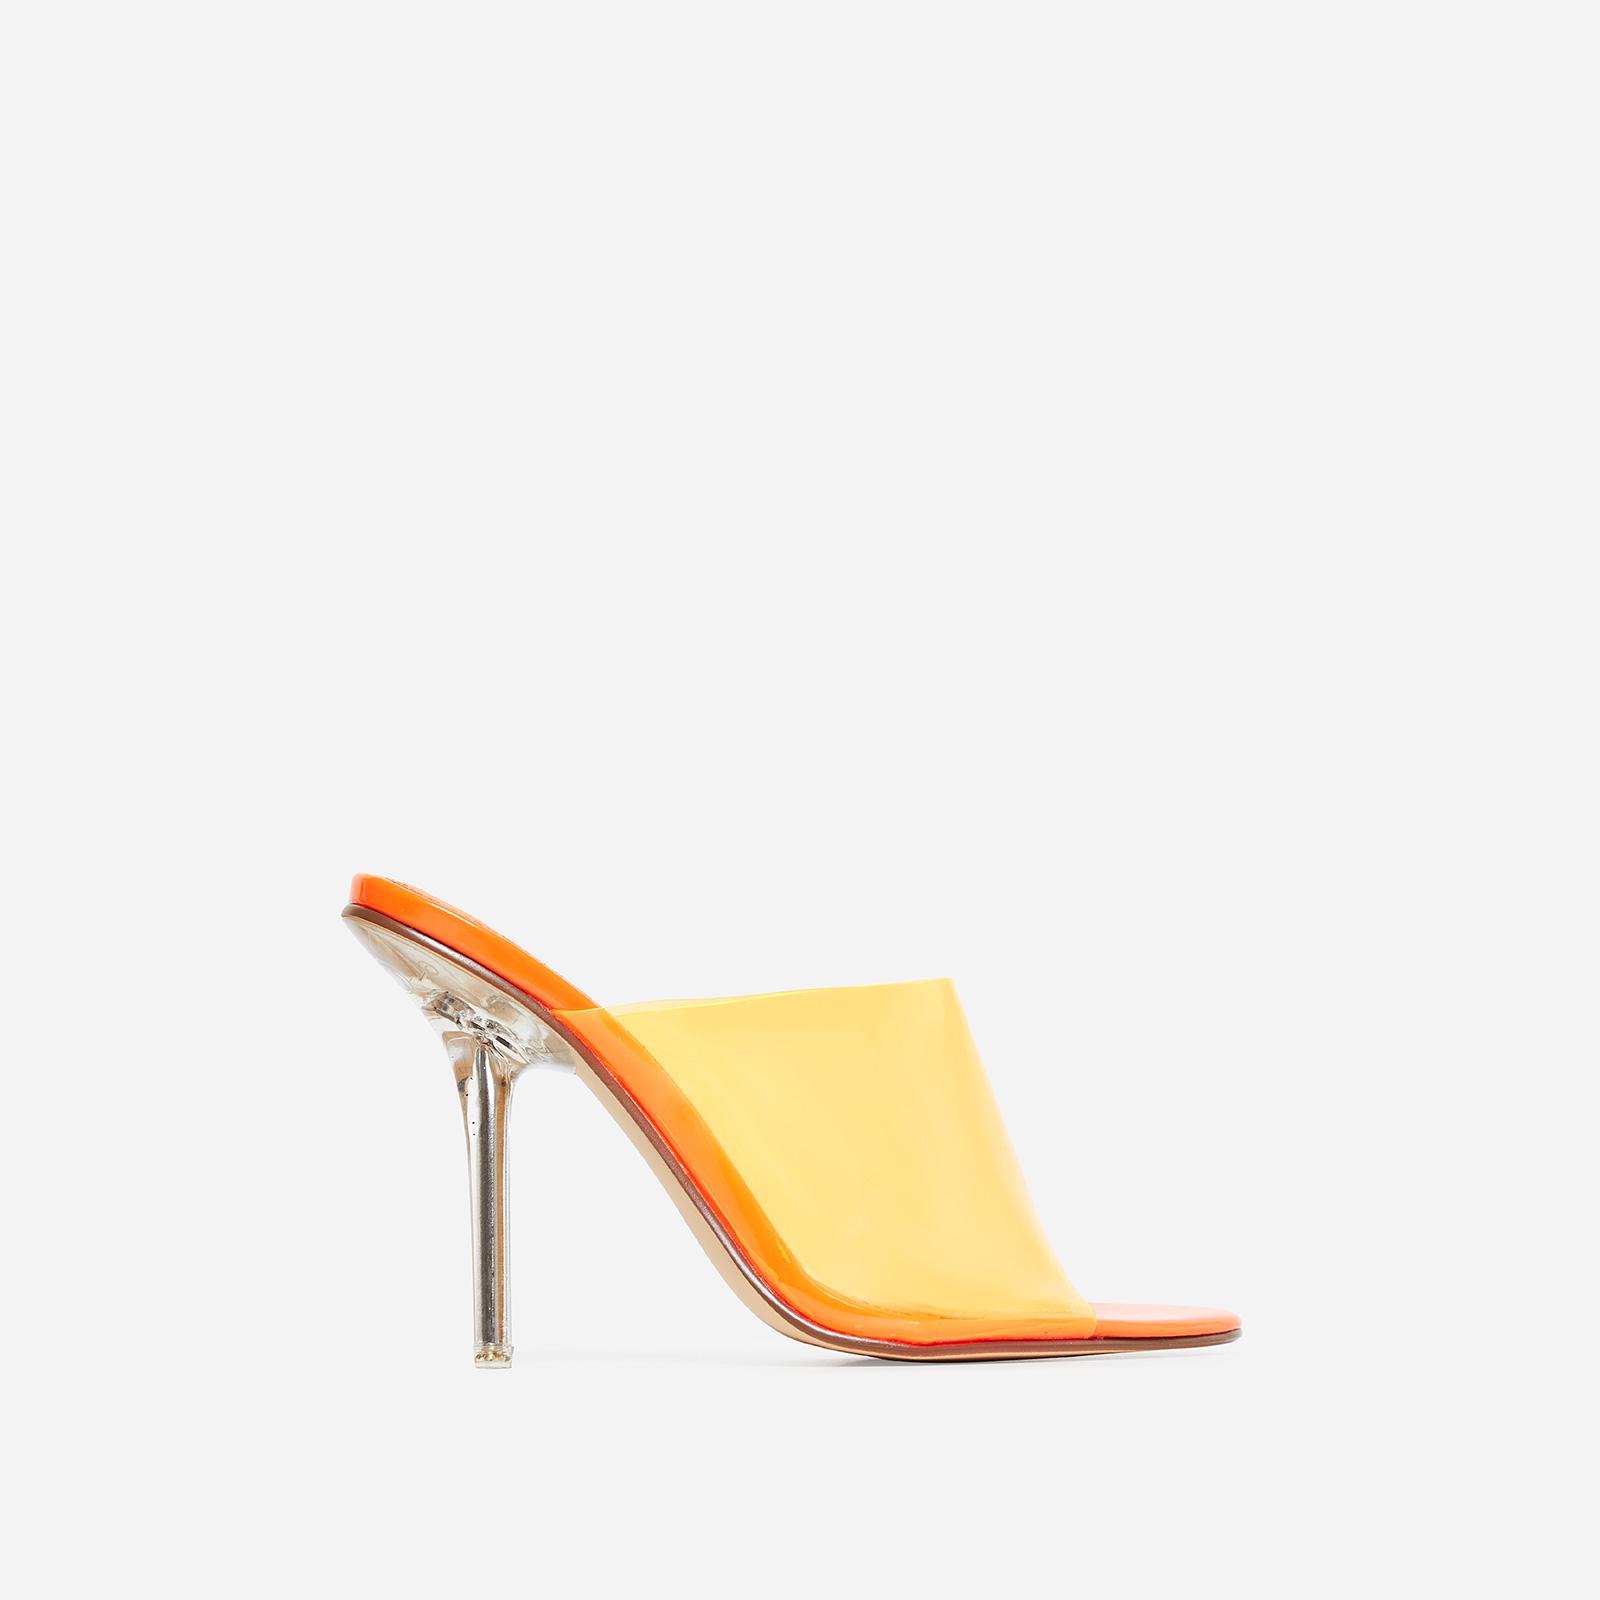 Paint Perspex Peep Toe Mule In Orange Patent